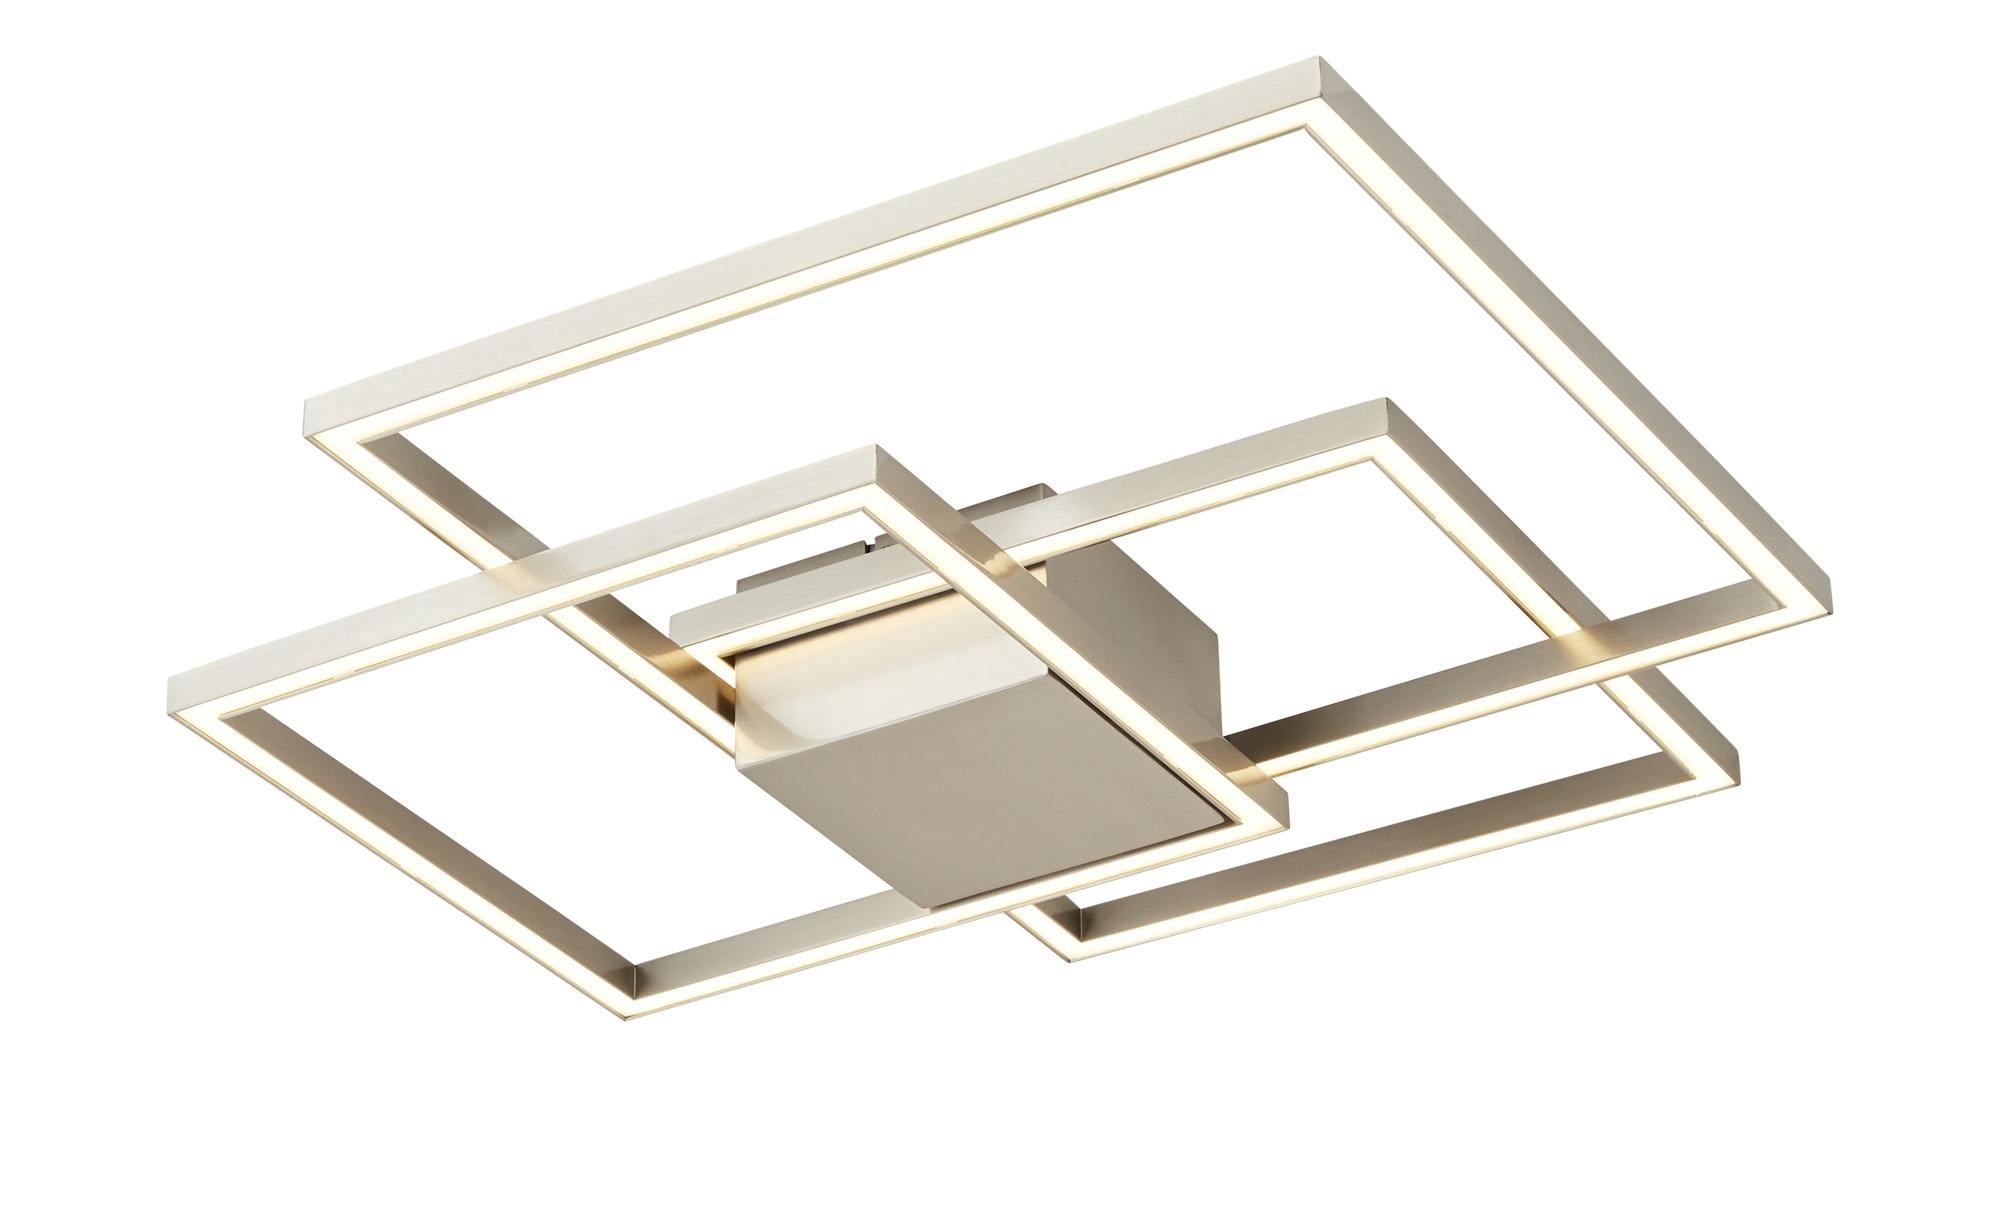 ML LED-Deckenleuchte, 3-flammig, Nickel matt ¦ silber ¦ Maße (cm): B: 56 H: 8,5 Lampen & Leuchten > Innenleuchten > Deckenleuchten - Höffner